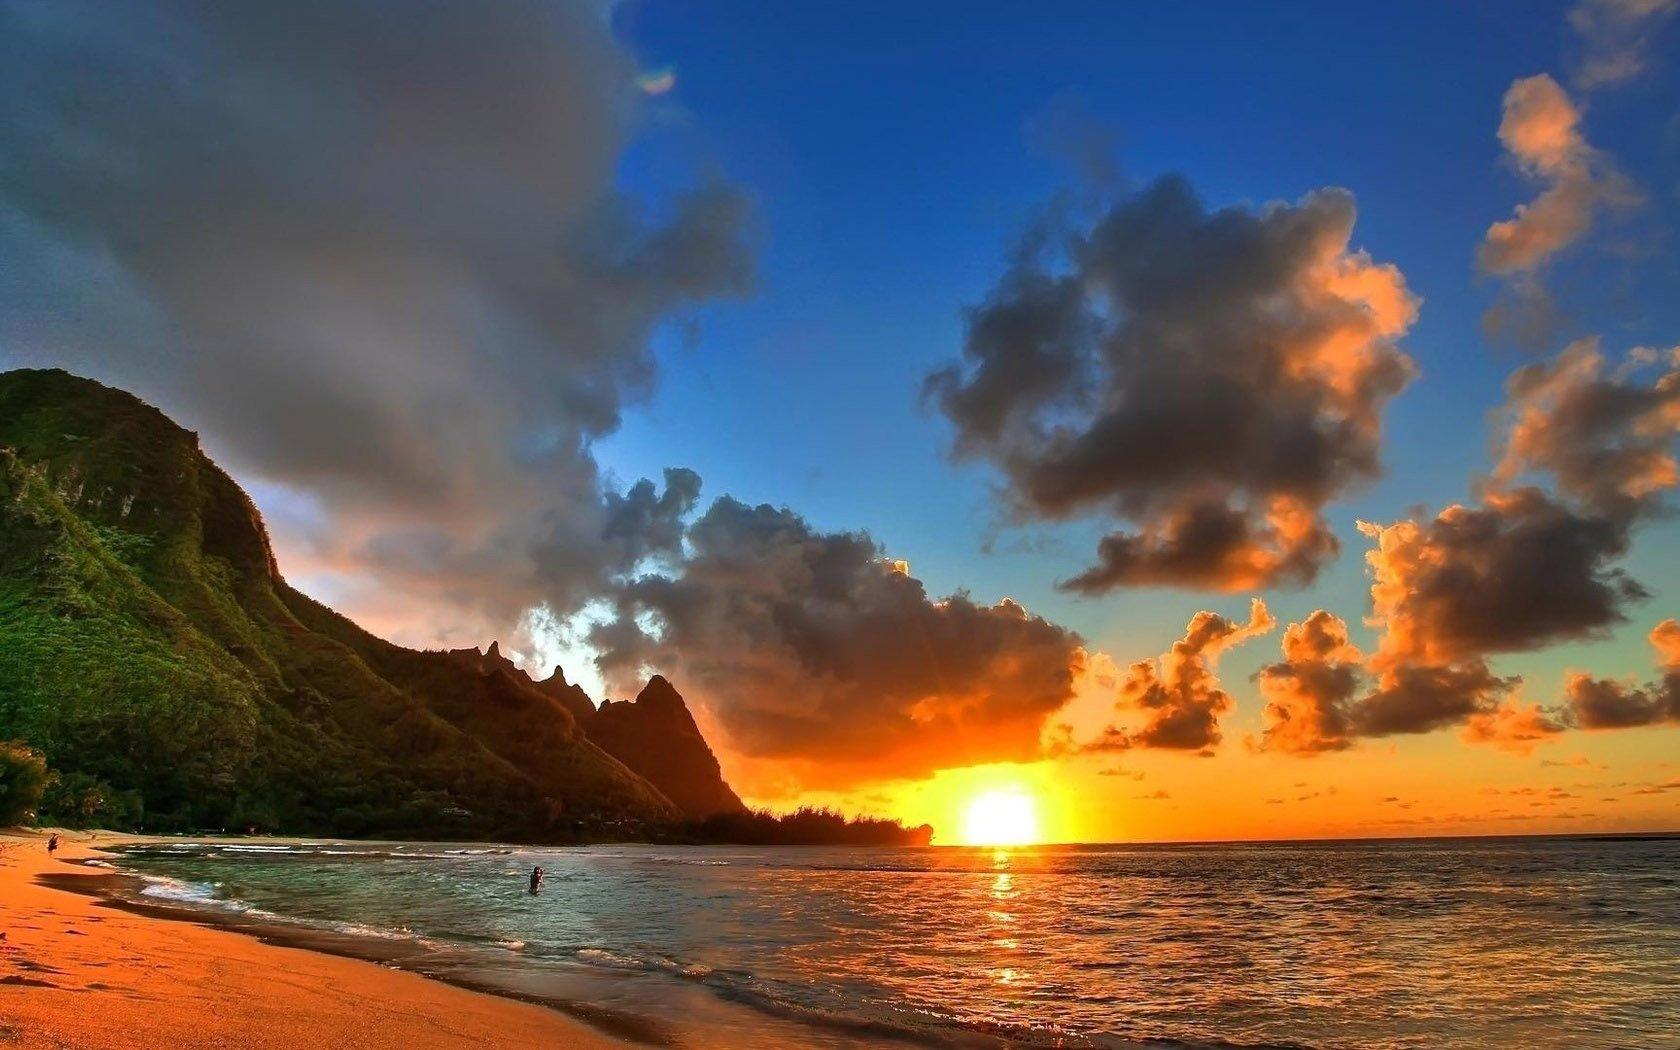 beach-sunset-hd-wallpaper.jpg